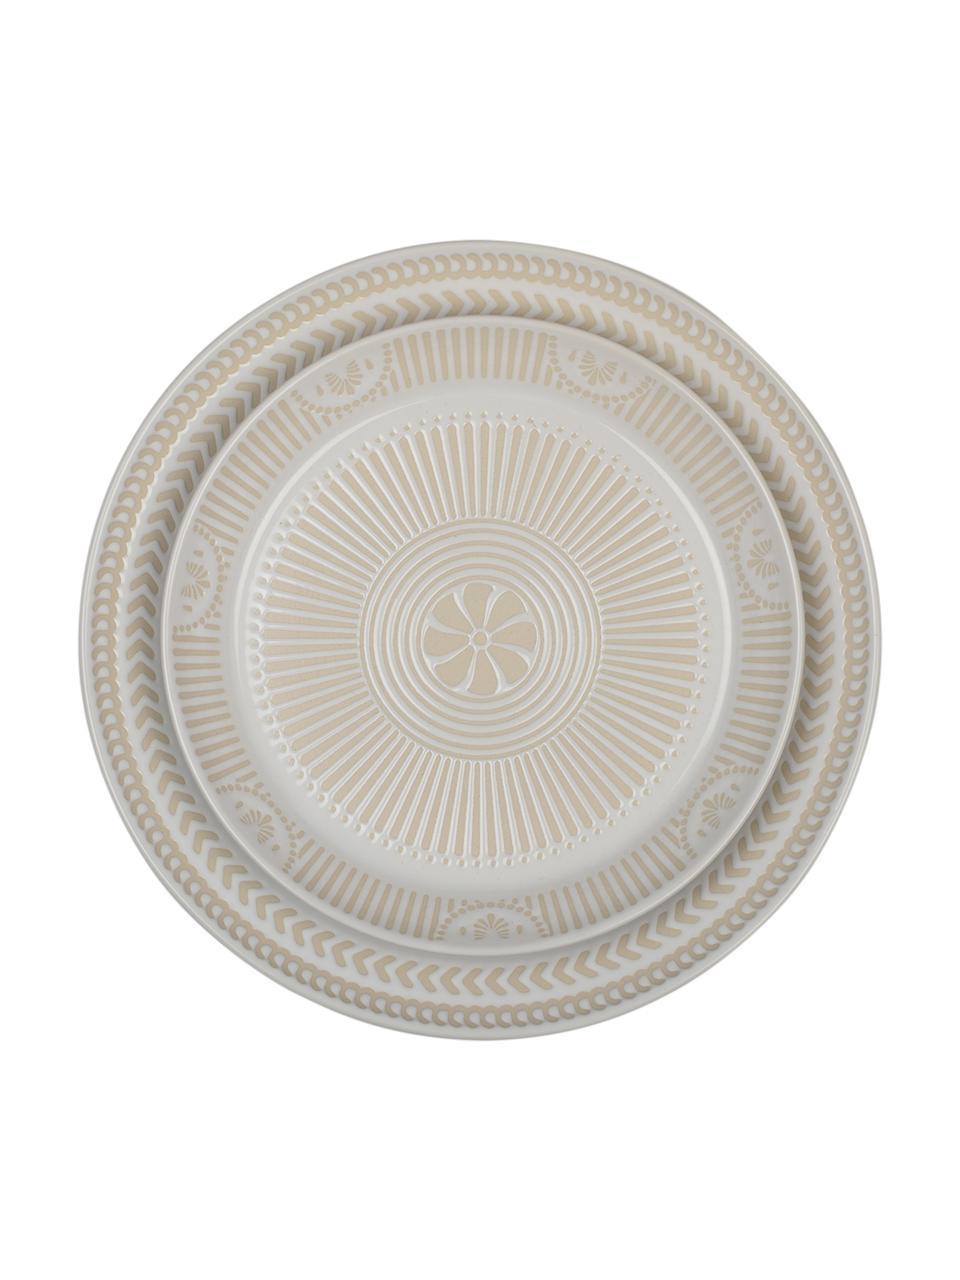 Talerz do ciasta z porcelany Sonia, 2 szt., Porcelana, Biały, Ø 22 cm